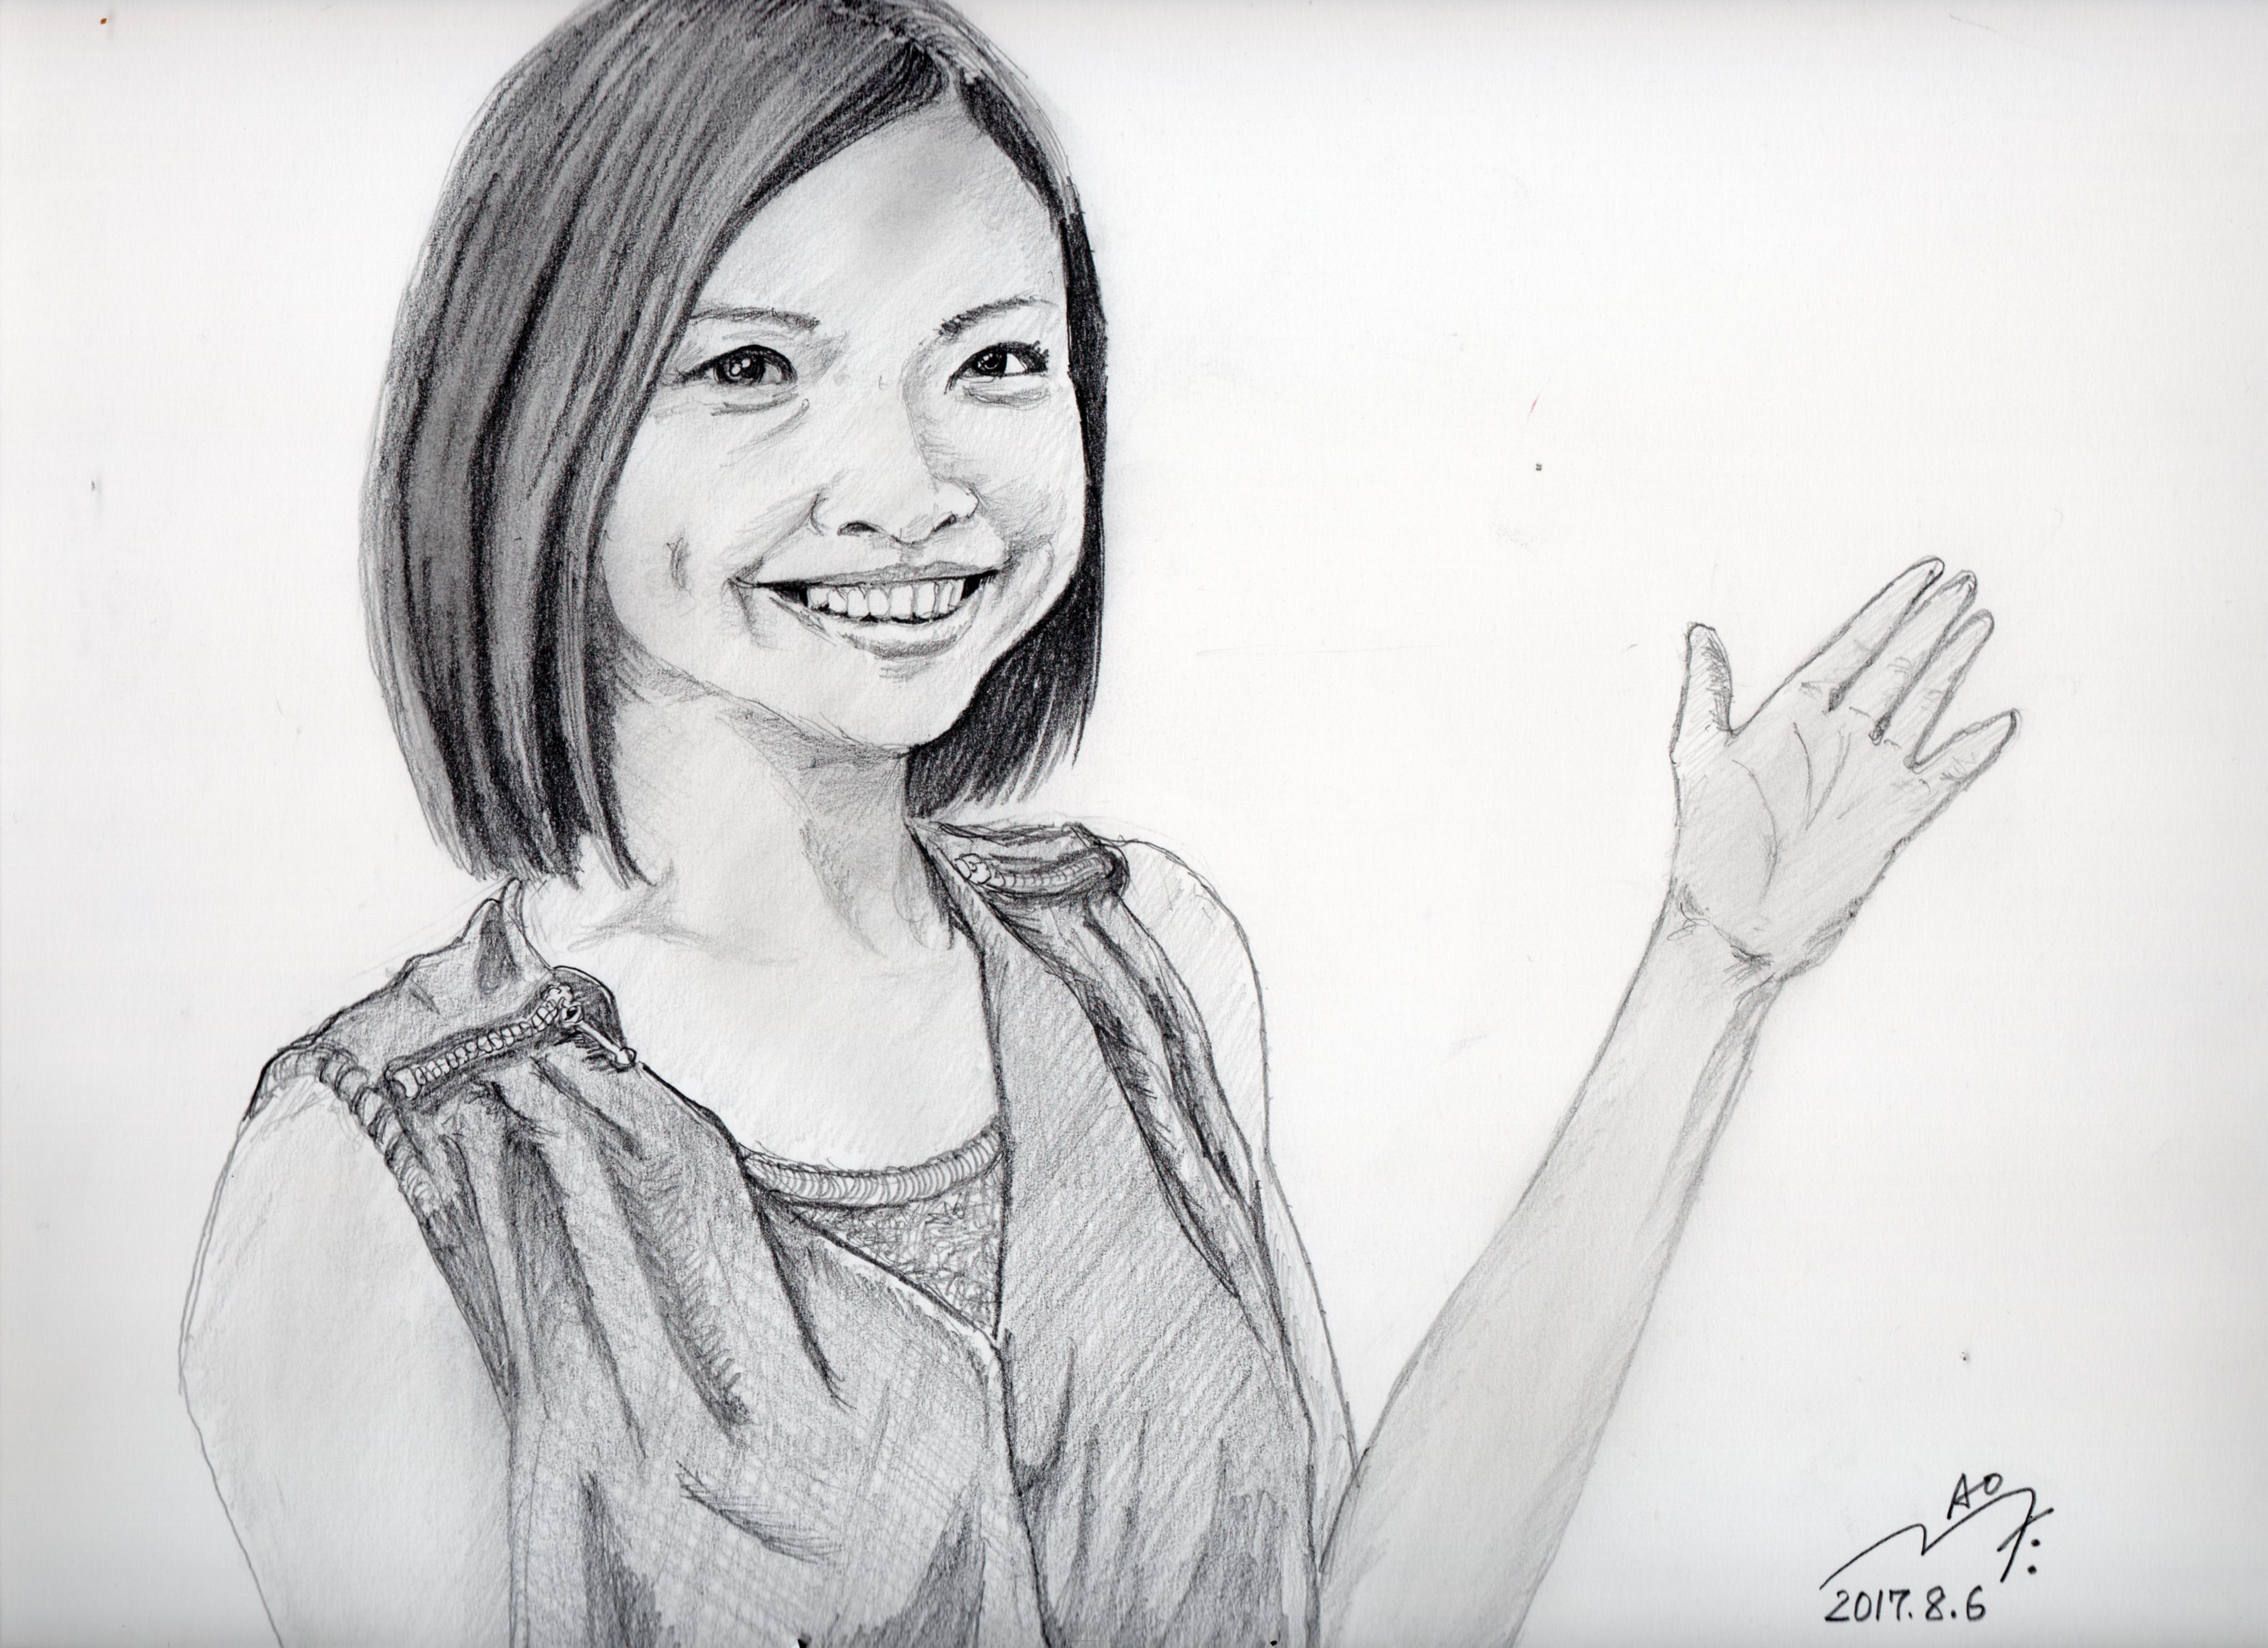 岩手のアイドルふじポンこと藤井 香子の鉛筆画似顔絵